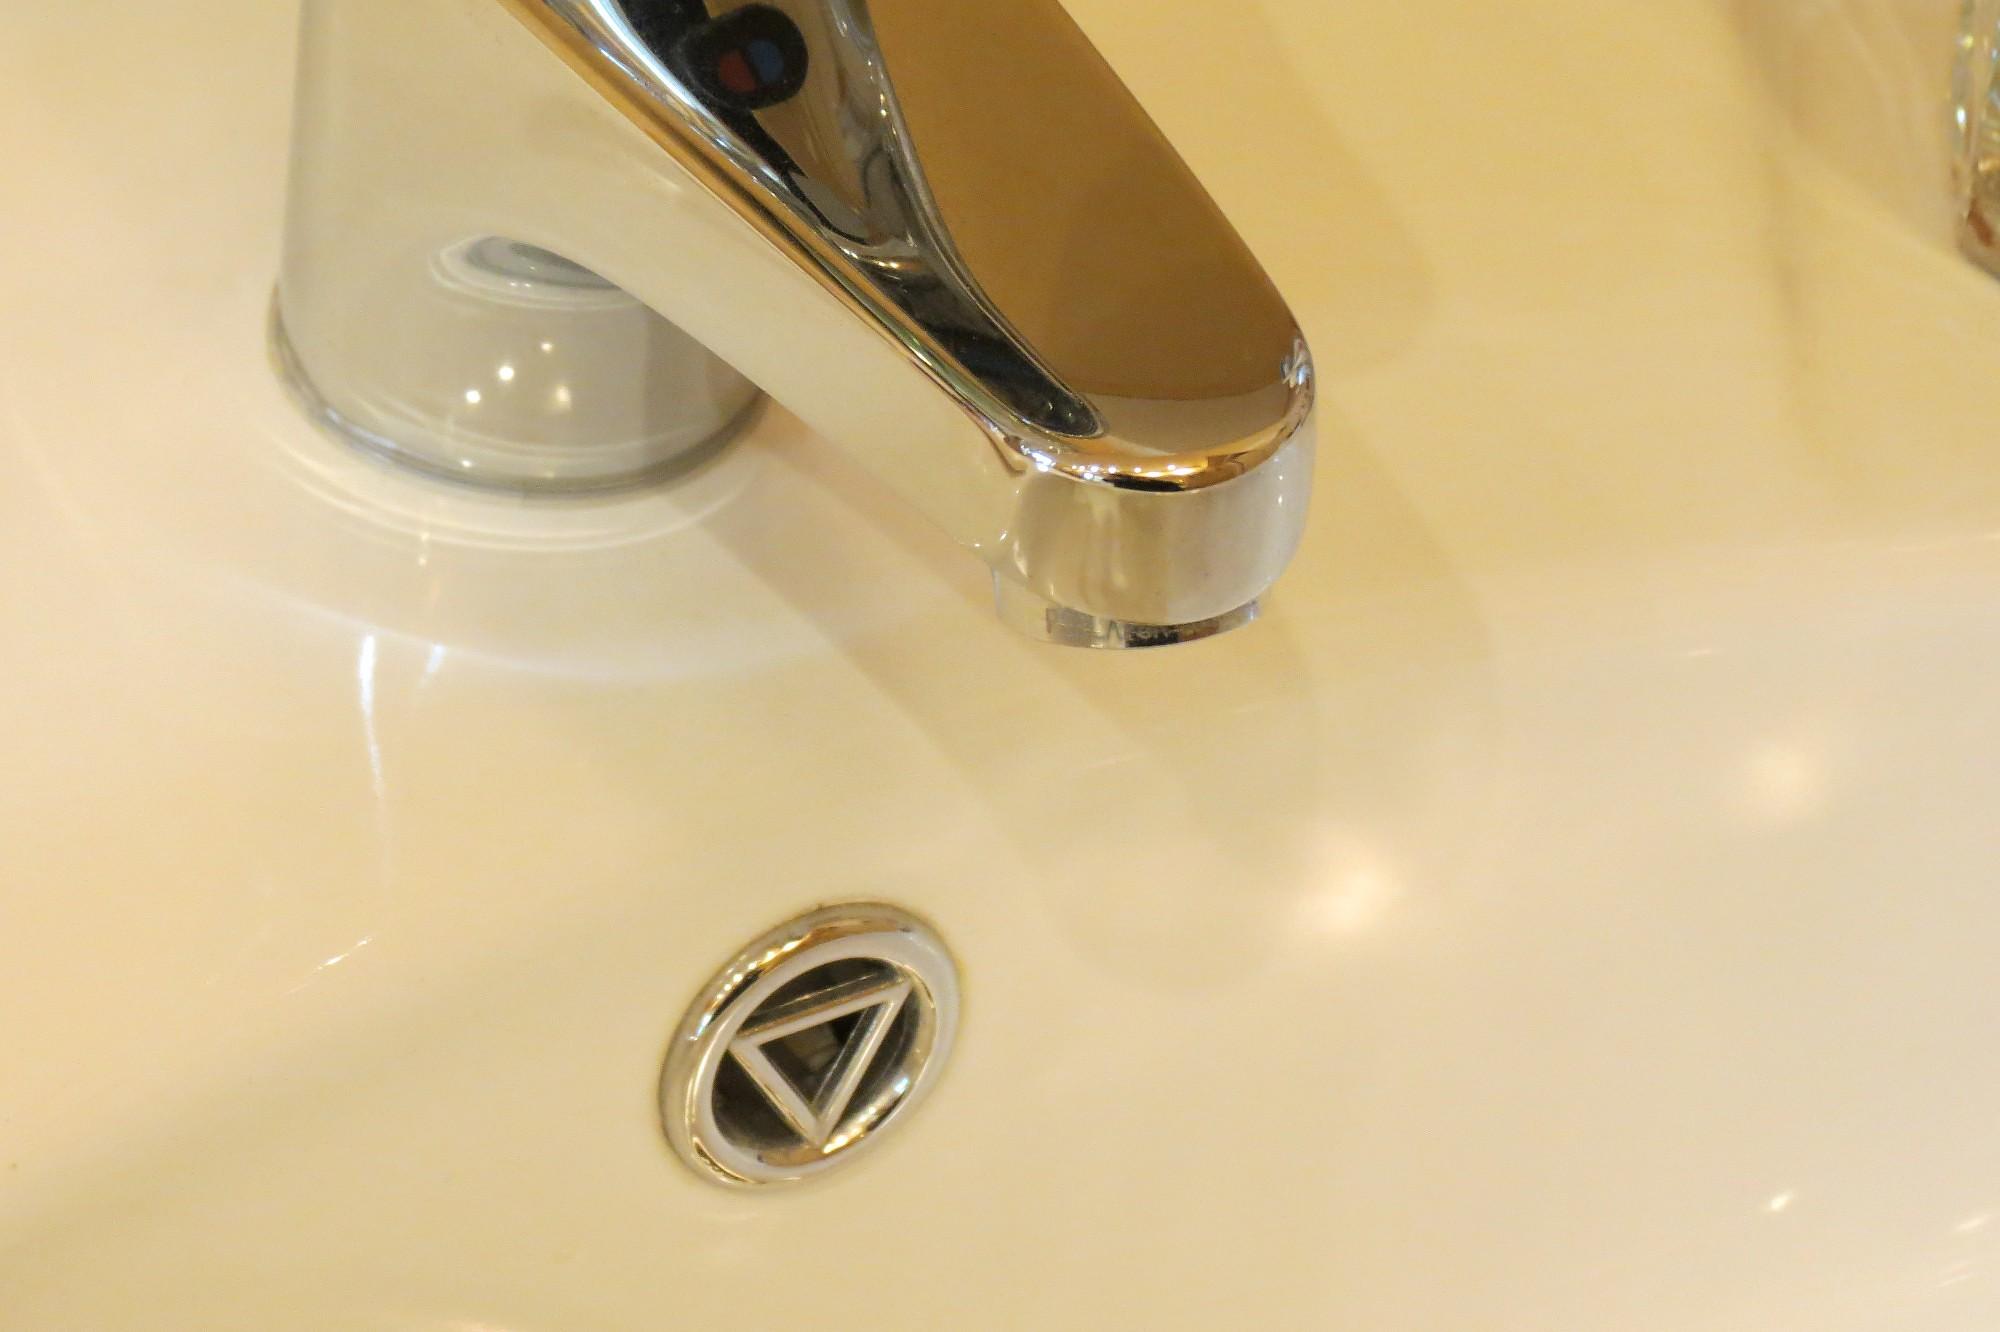 Впредь счетчики потребления воды нужно будет проверять лишь раз в шесть лет